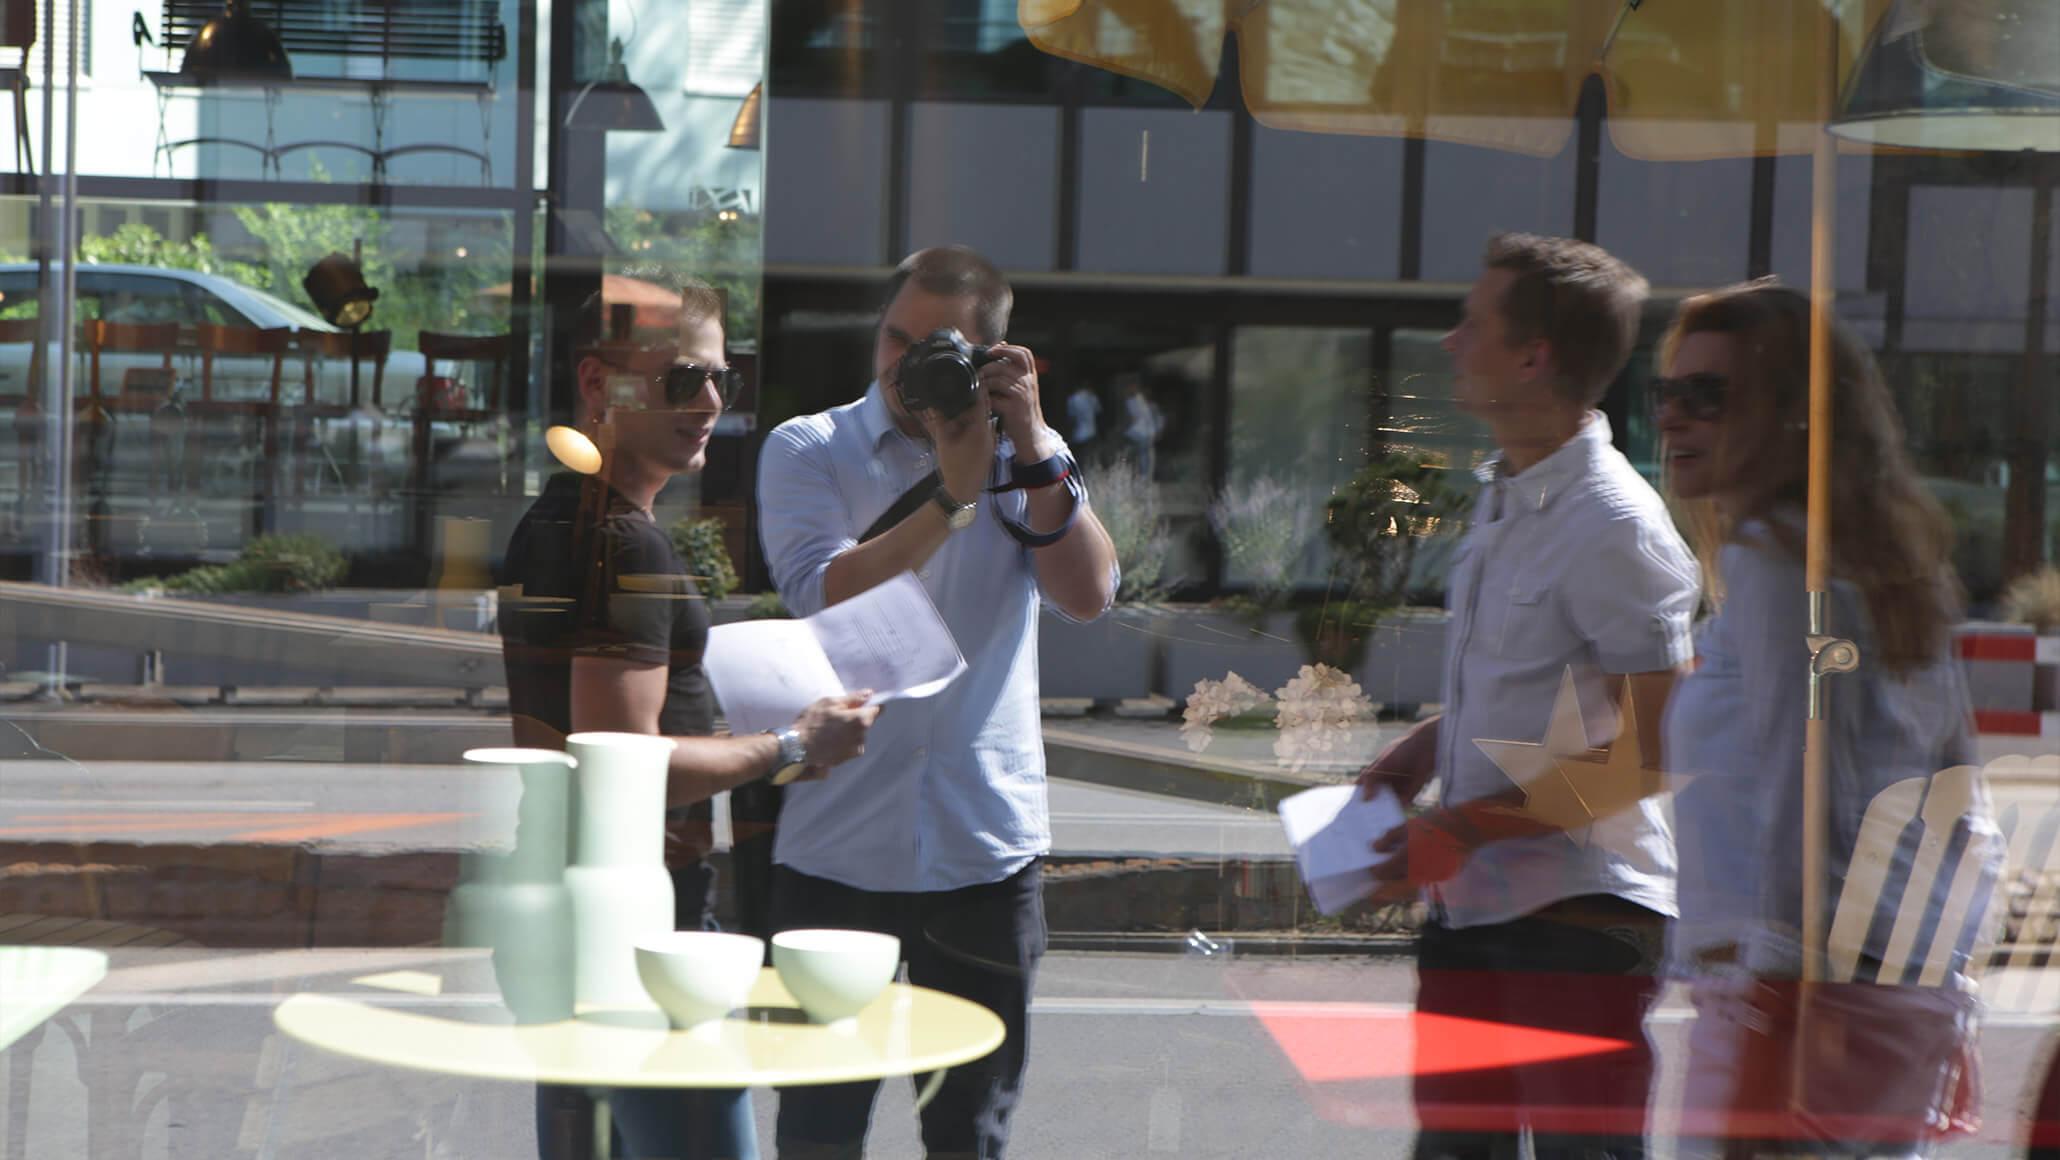 Teamevent: Das PRtools-Teamauf der Spur des Fuchses beim Foxtrail in Zürich. Marcel Hohl, Daniela Obrecht und Andreas Lehmann halten ausschau nach Hinweisen um zur nächsten Aufgabe des Foxtrails zu gelangen. Fotograf ist Philipp Obertüfer.